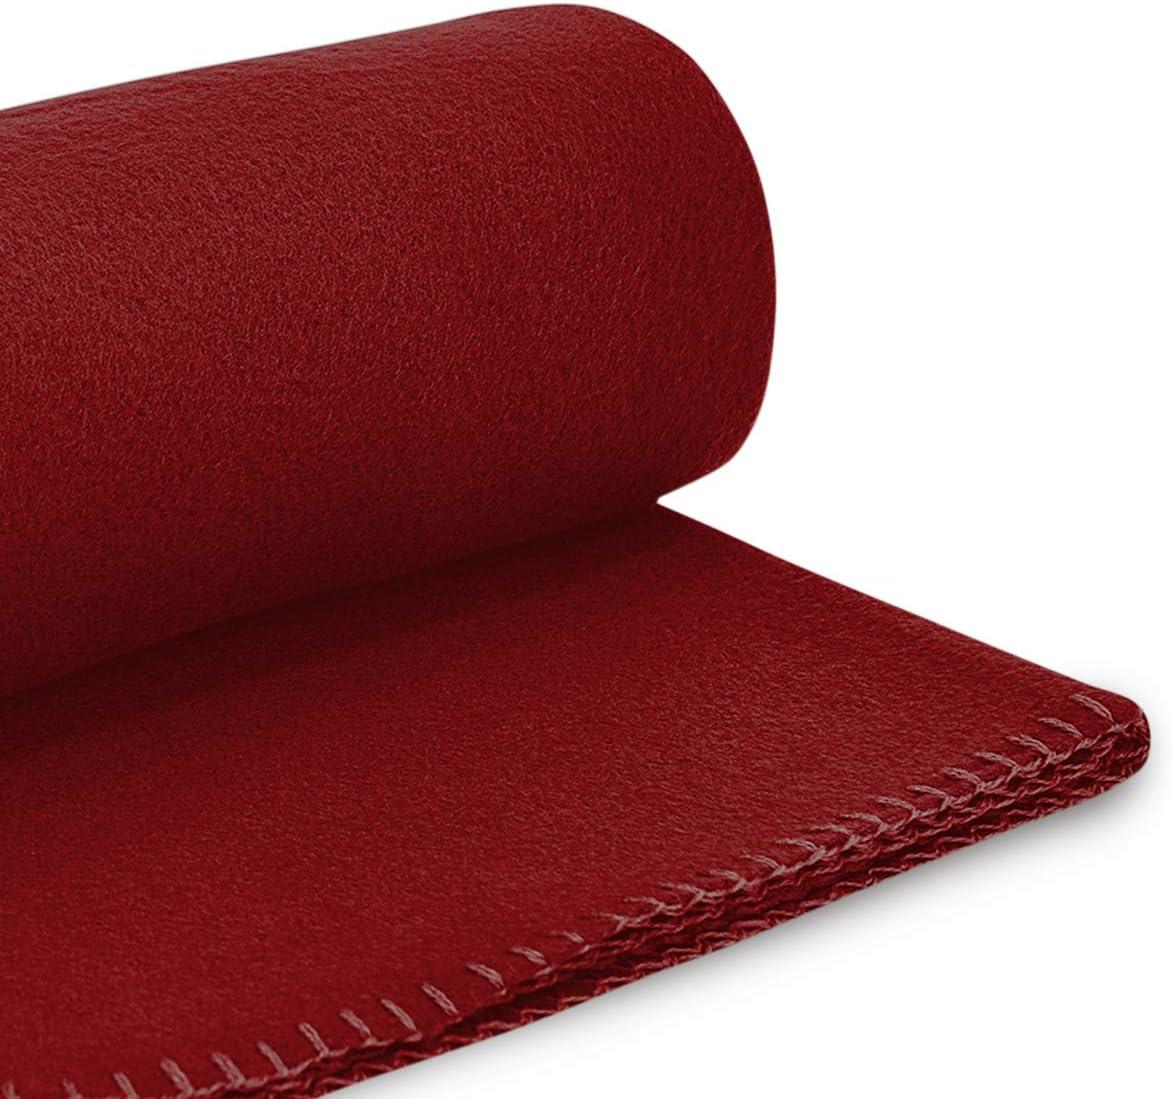 de 1,30 x 1,60 cm. Mantas de forro polar reversibles tela acogedoras 130 x 160 cm de 130 x 160 cm Wometo beige Juego de 2 mantas suaves y mullidas